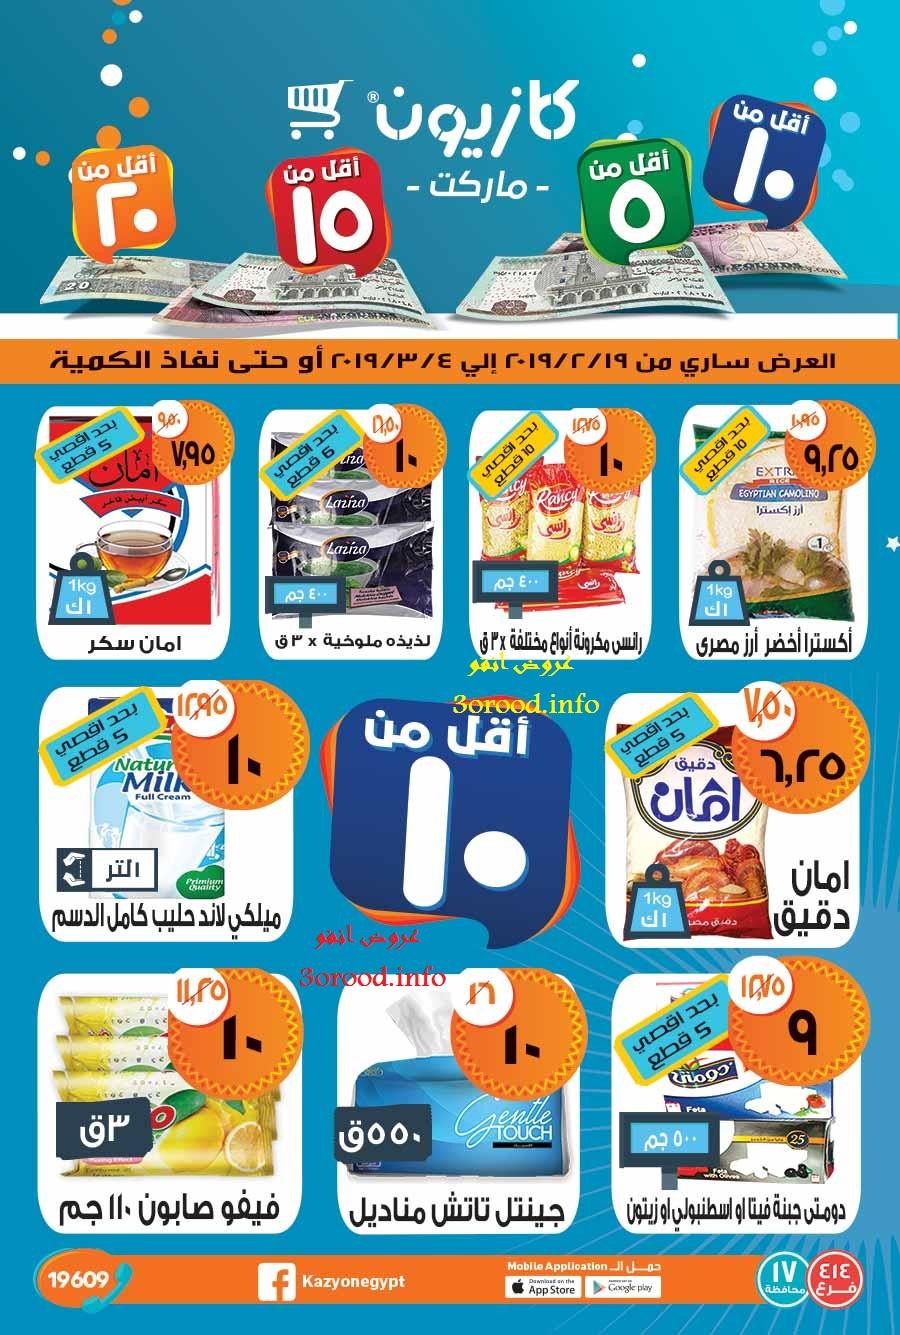 عروض كازيون من 19 فبراير حتى 4 مارس 2019 اقل من 5 و 10 و 15 و 20 جنيه